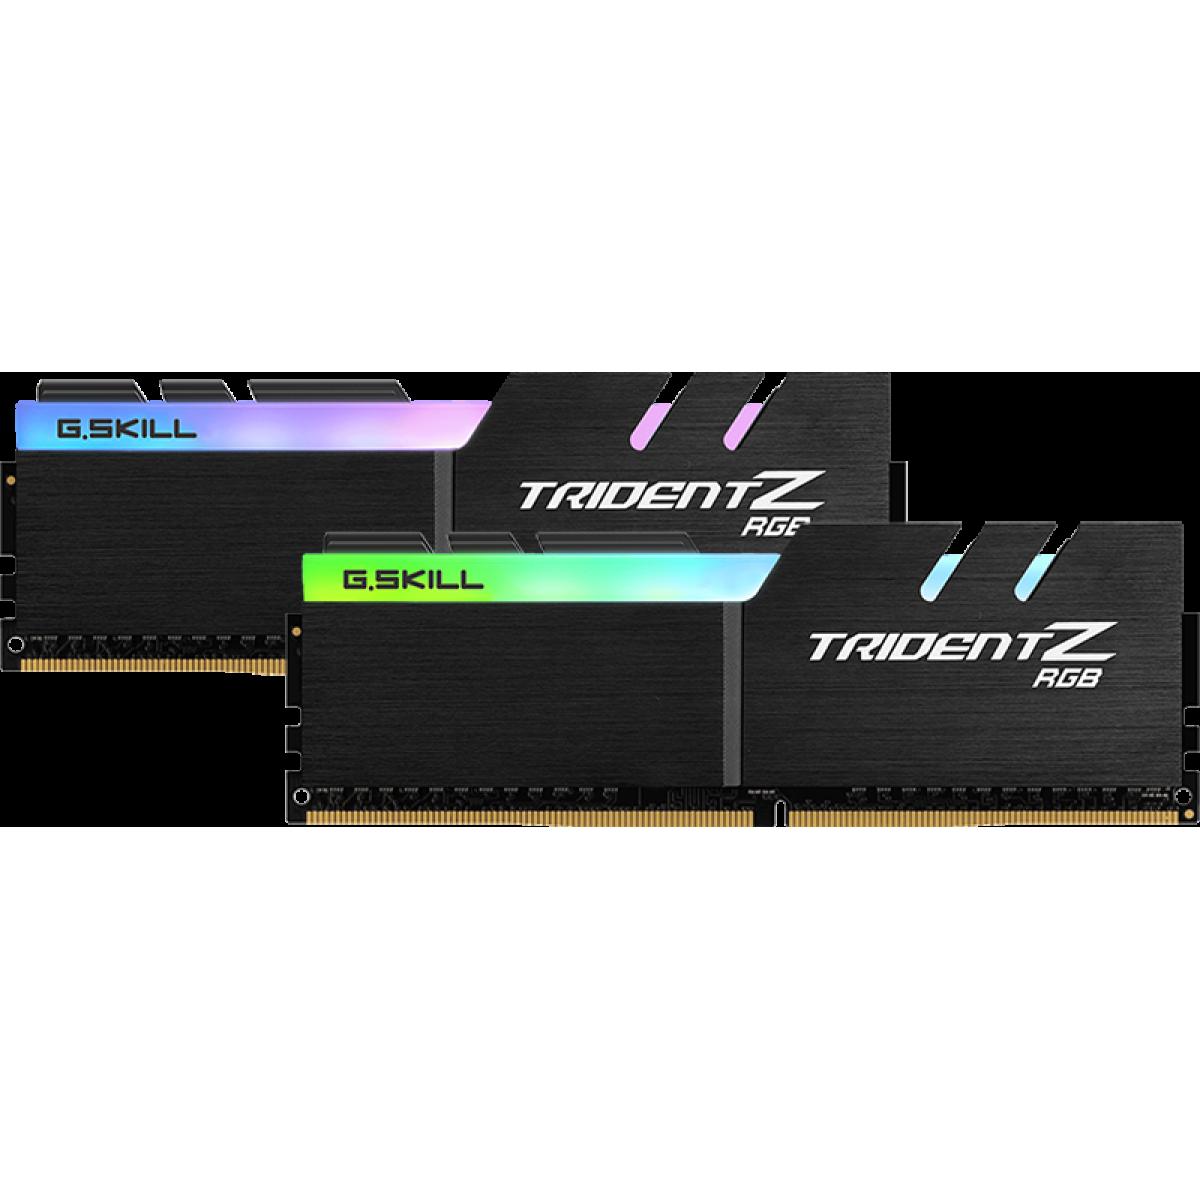 Memória DDR4 G.Skill Trident Z RGB AMD, 16GB (2x8GB) 3600MHz, F4-3600C18D-16GTZRX